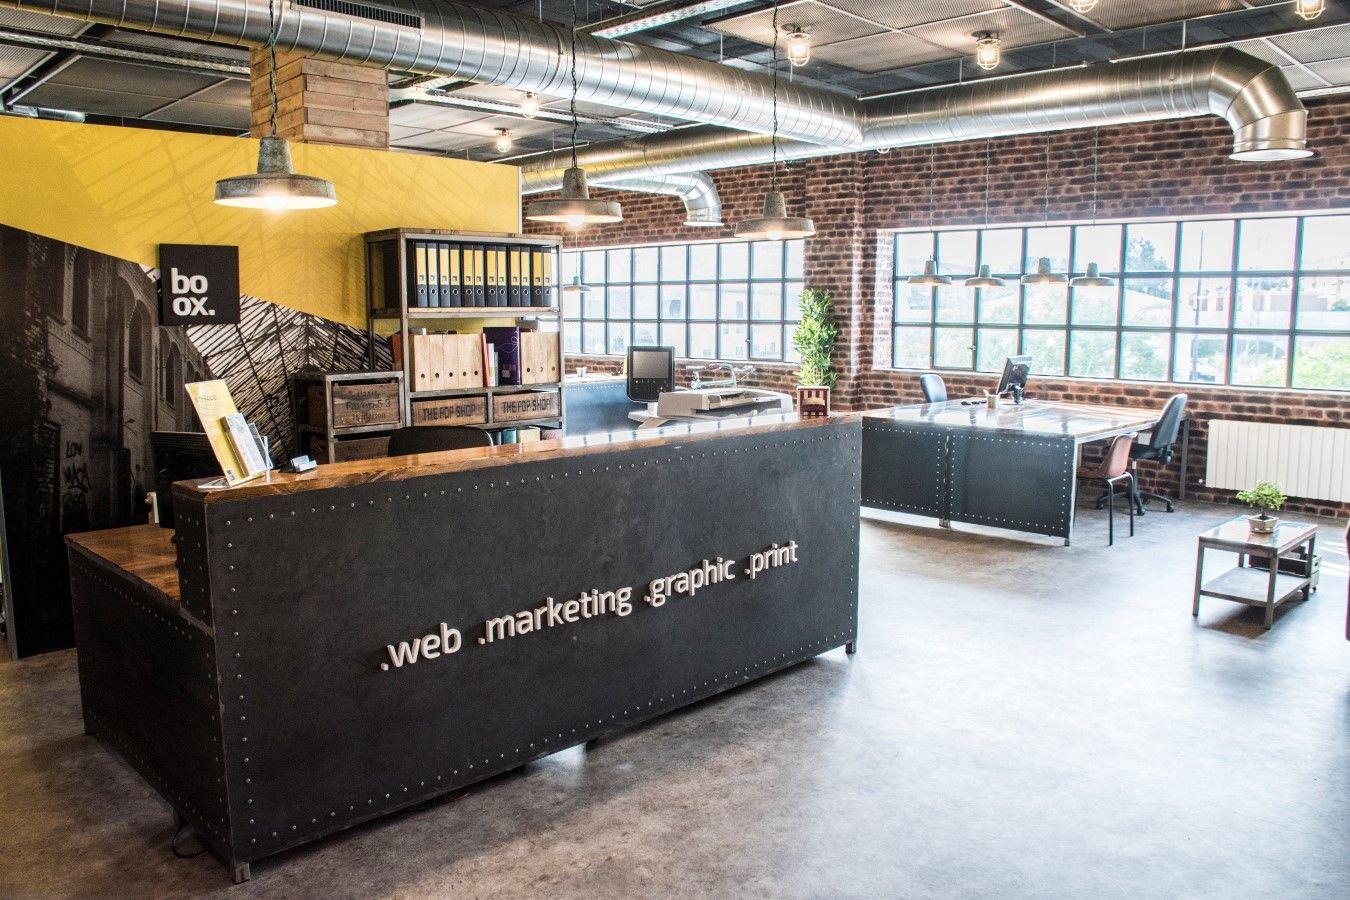 Oficinas estilo industrial de Boox, situadas en Jerez de la Frontera.  http://www.boox.es  Industrial style office